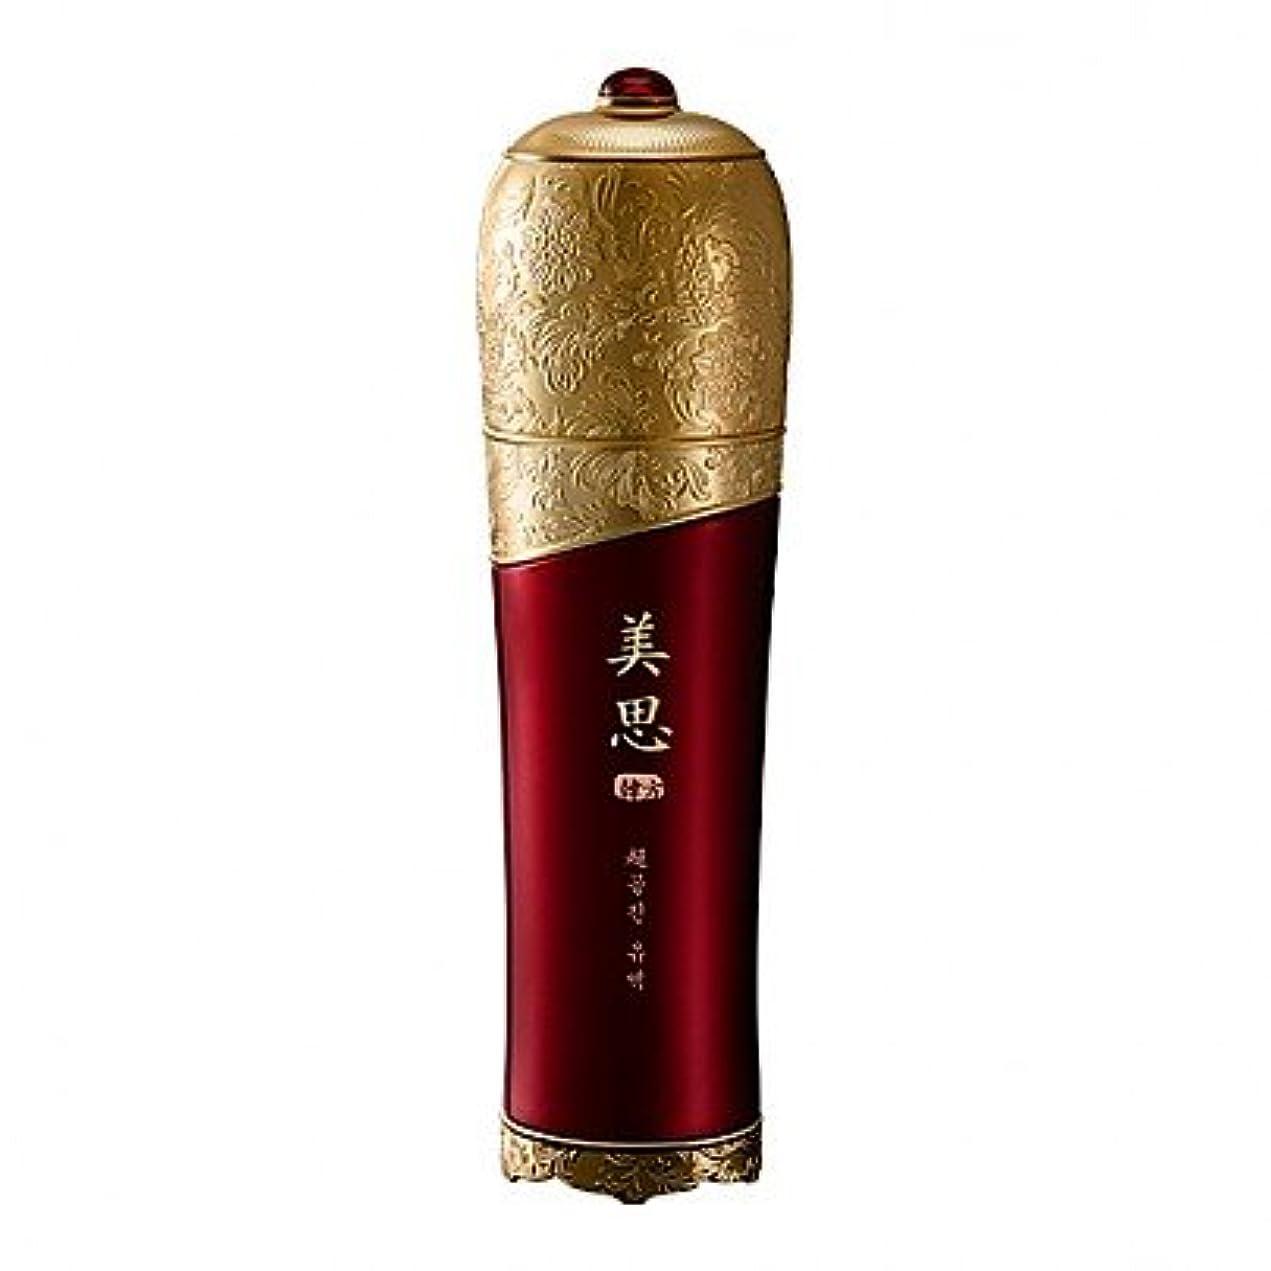 海洋レキシコン富MISSHA/ミシャ チョゴンジン 乳液 (旧チョボヤン) 125ml[海外直送品]